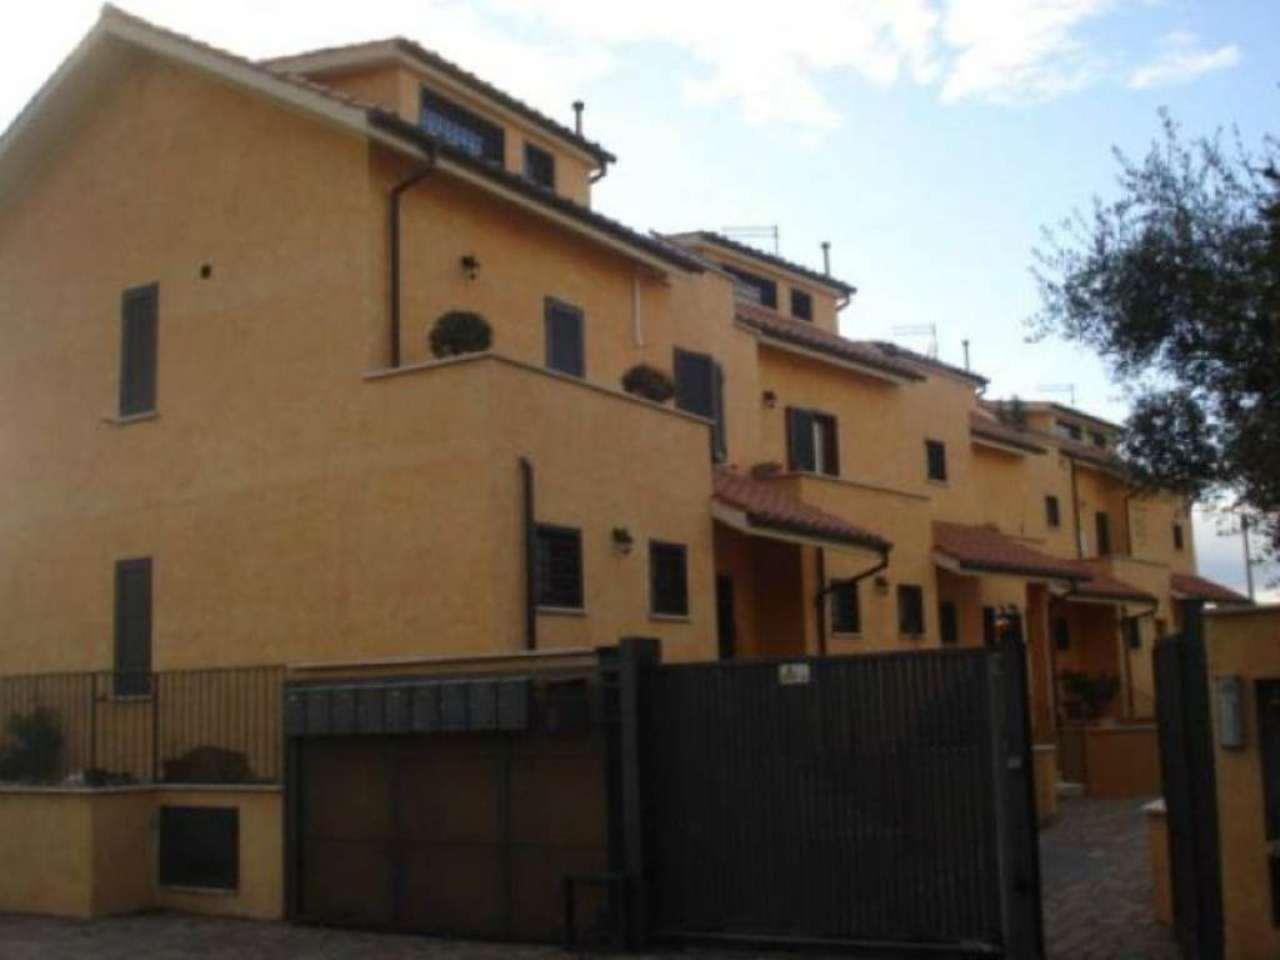 Appartamento in vendita a Fara in Sabina, 3 locali, prezzo € 135.000 | Cambio Casa.it